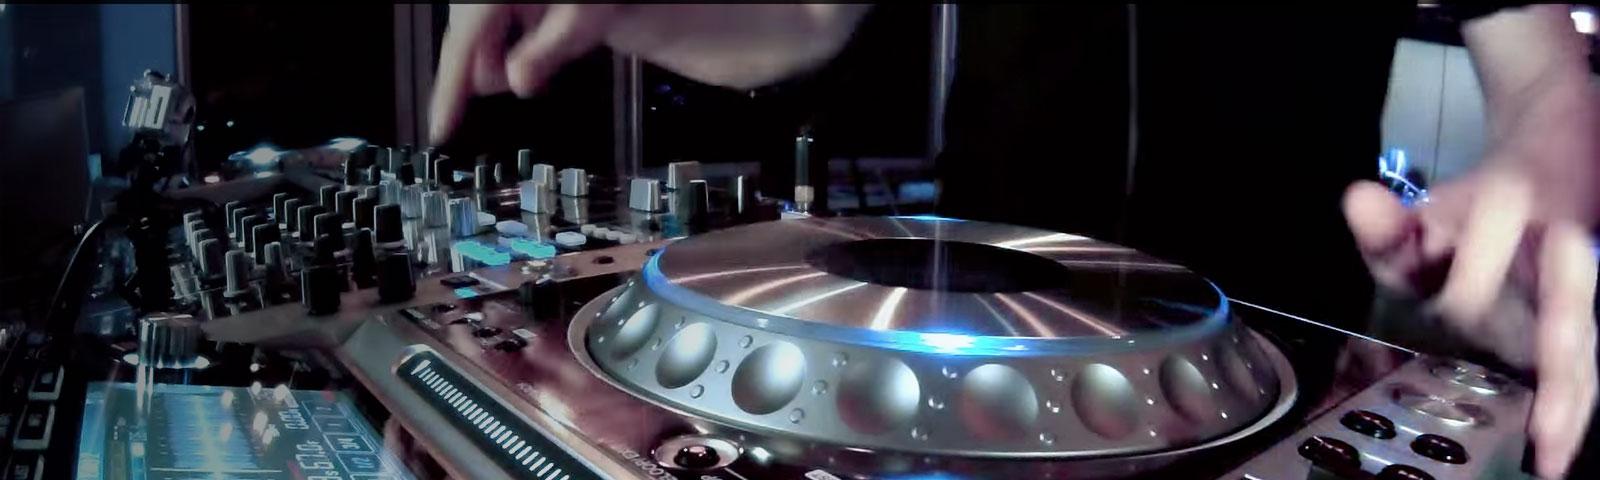 CDJ-2000NXS-M header